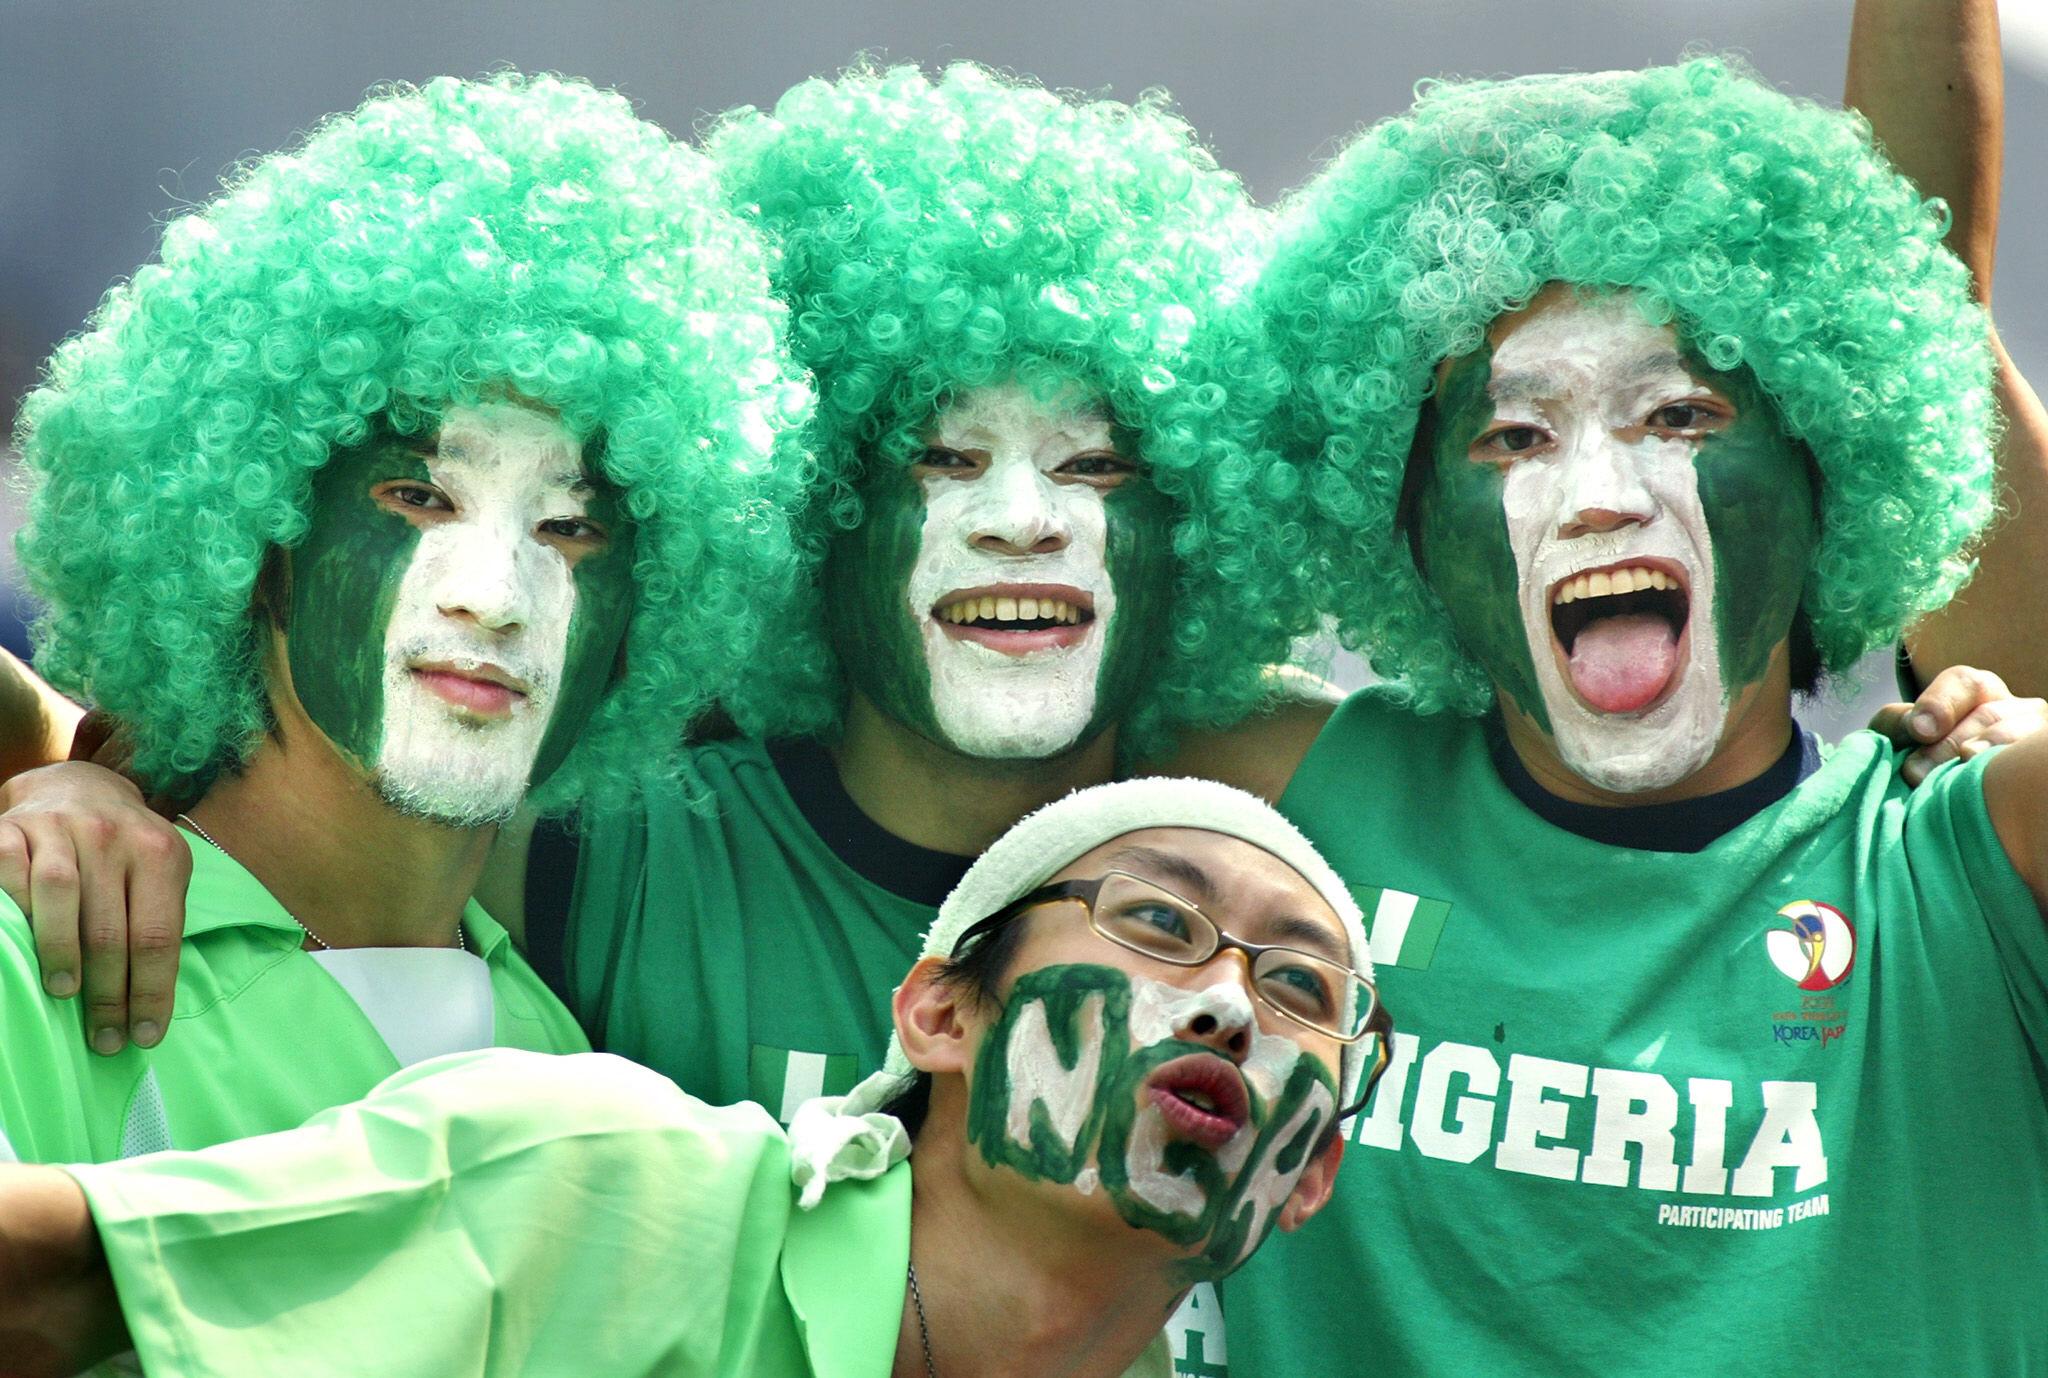 Egész Nigéria felbolydult, miután egy lakossági fórumon az ország nevének megváltoztatását javasolta egy adótanácsadó